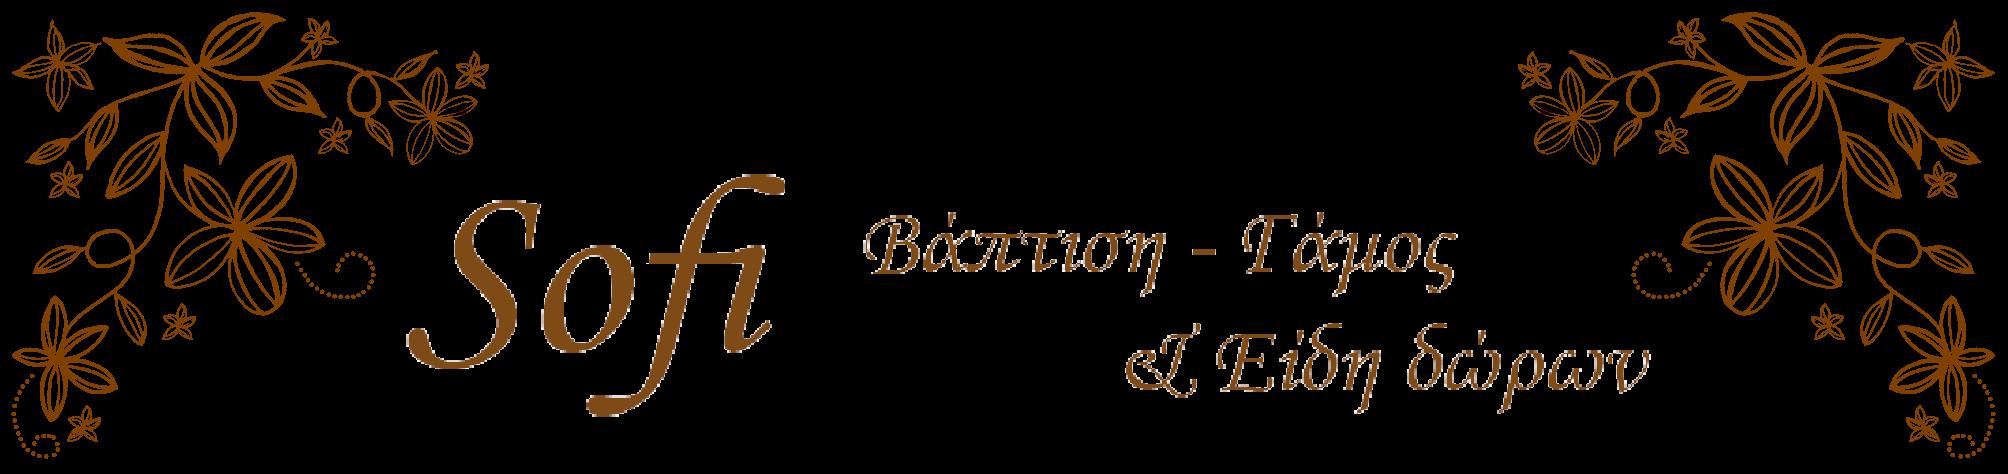 Βάπτιση – Γάμος Sofi